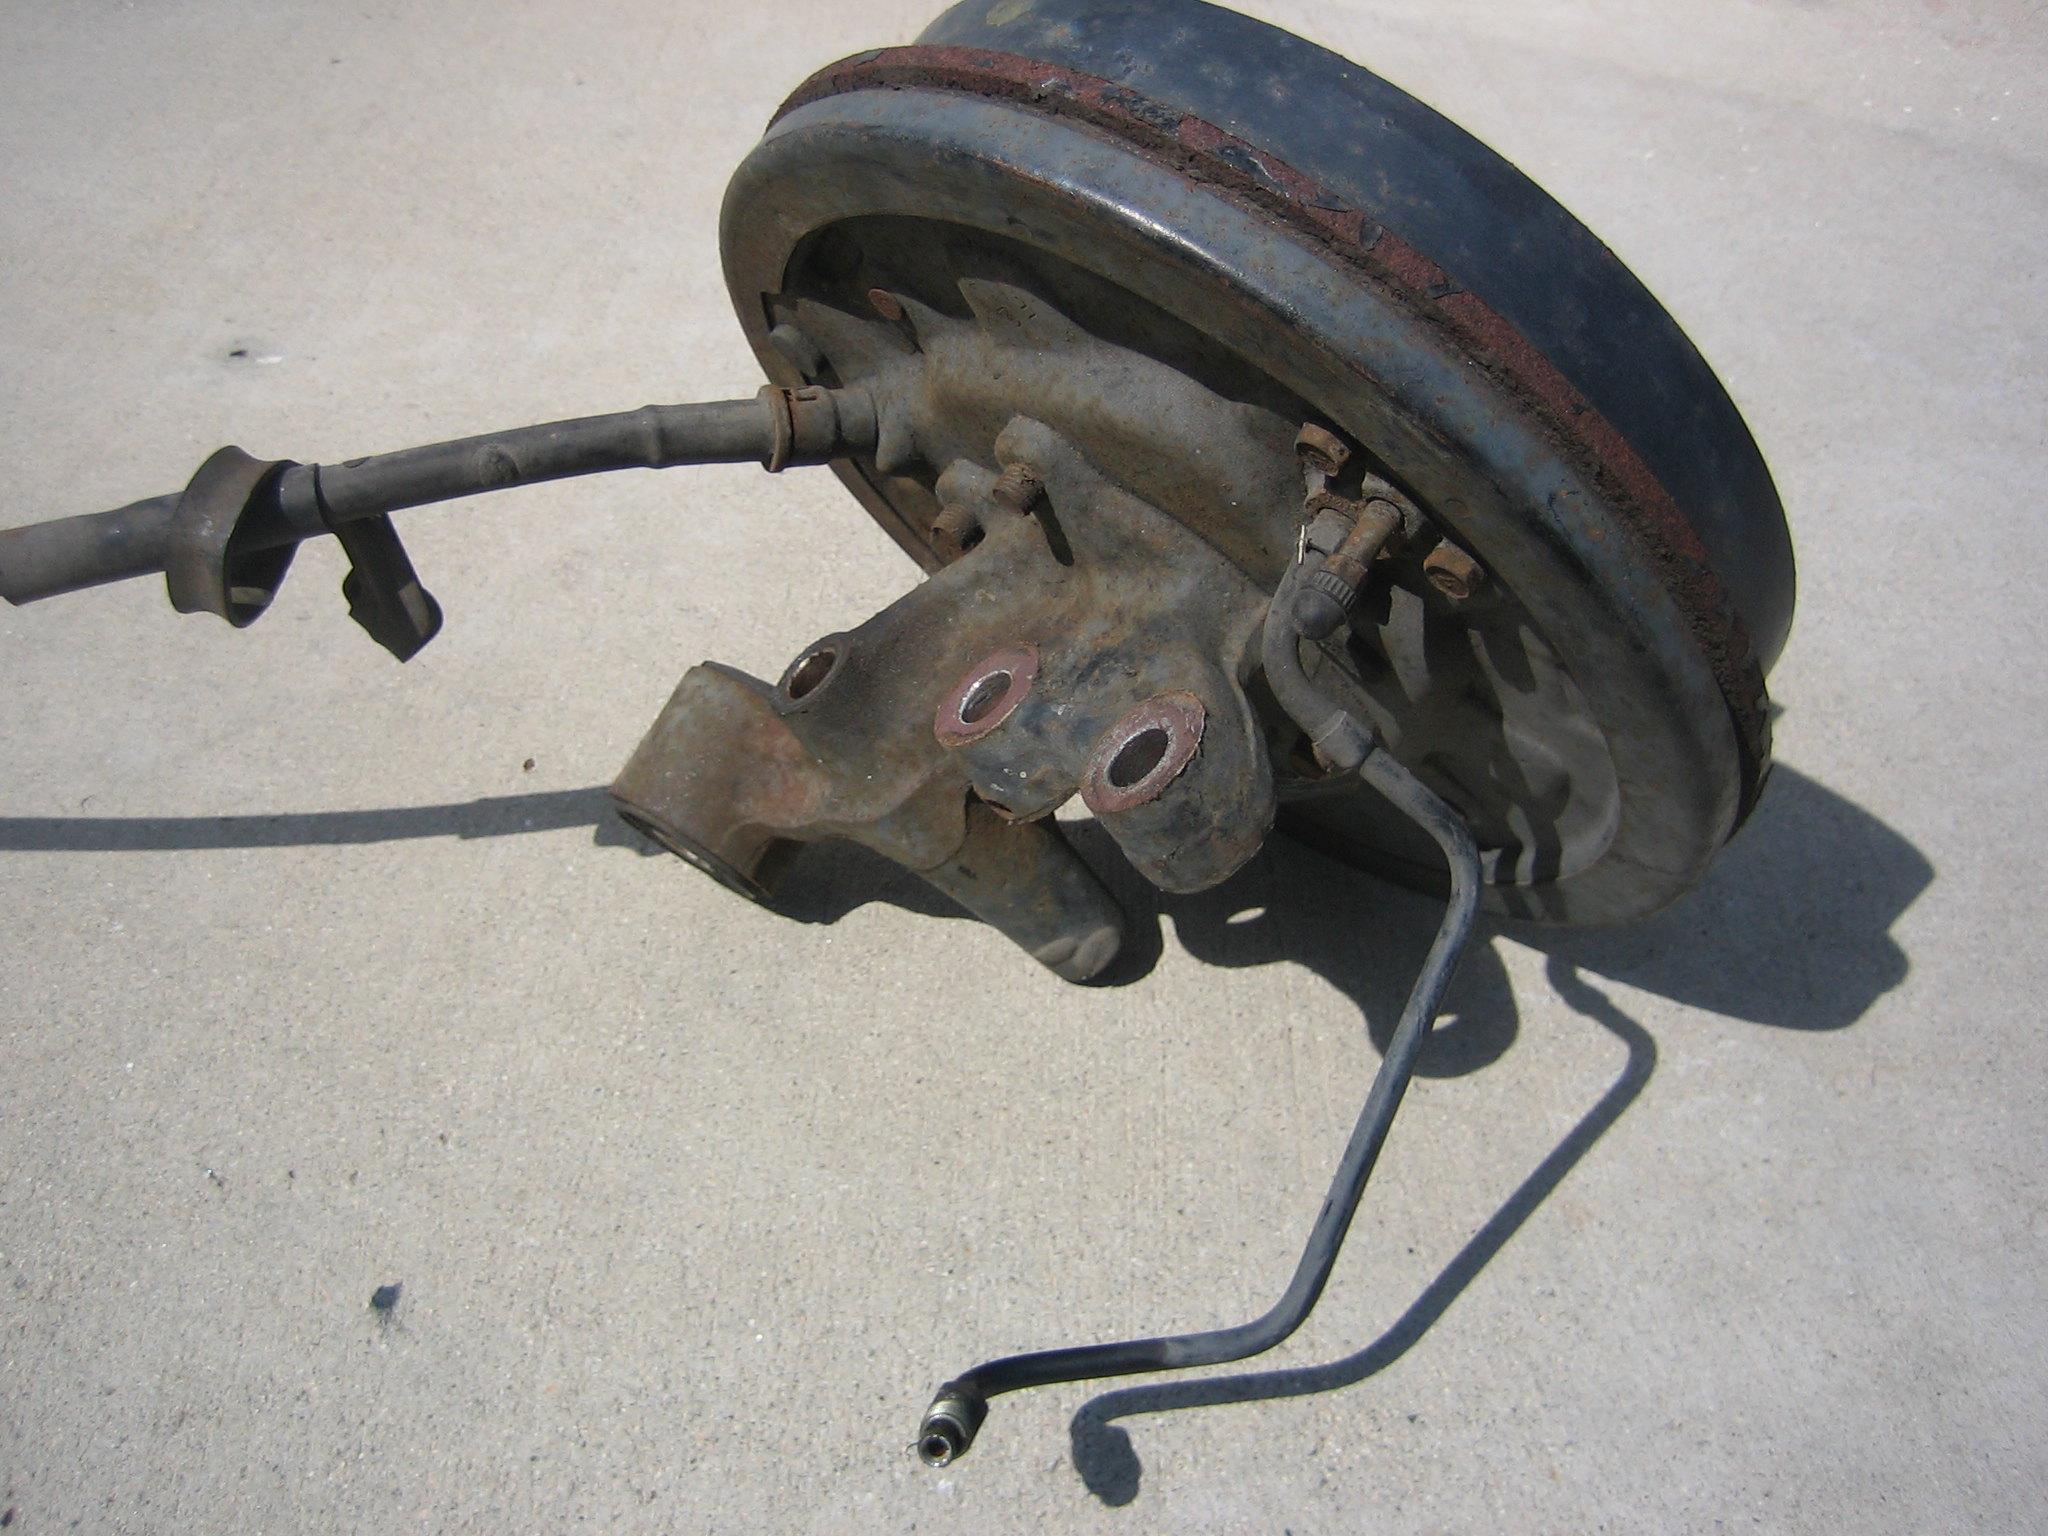 For Sale - 1993-1995 Subaru Impreza Front Wheel Drive (FWD